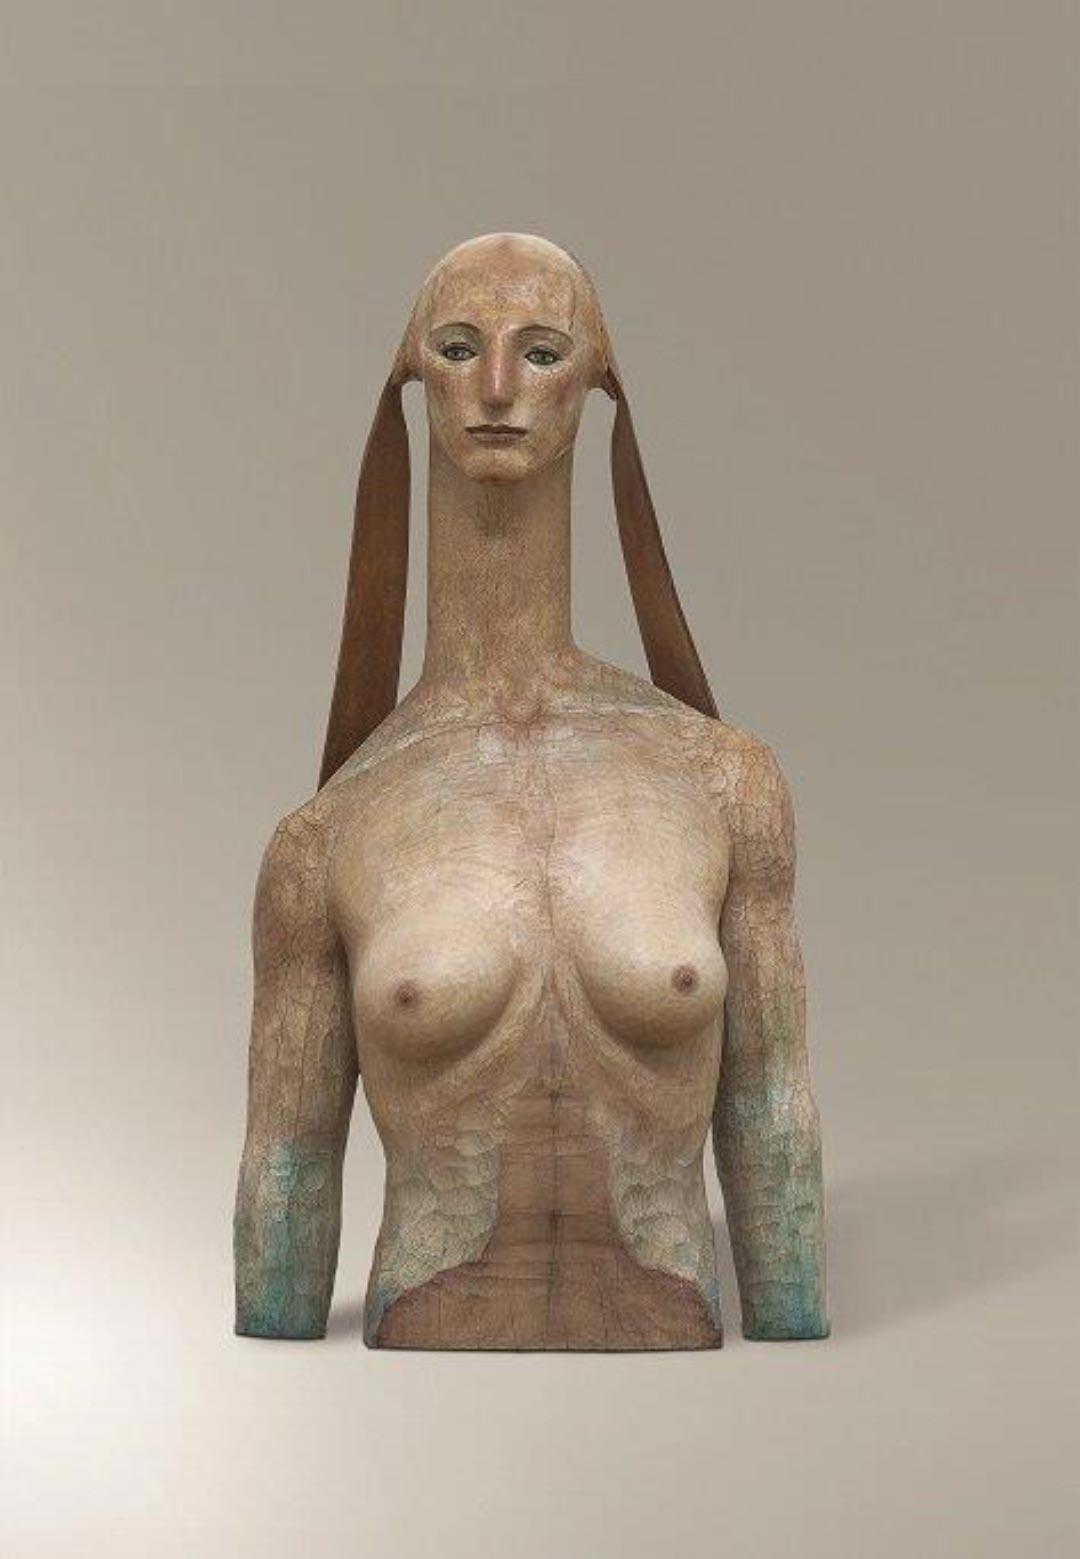 Katsura Funakoshi, A Tale of the Sphinx, 2004. Erworben mit Unterstützung durch die Freunde des Museums Wiesbaden (Foto: Ed Restle/ Museum Wiesbaden)